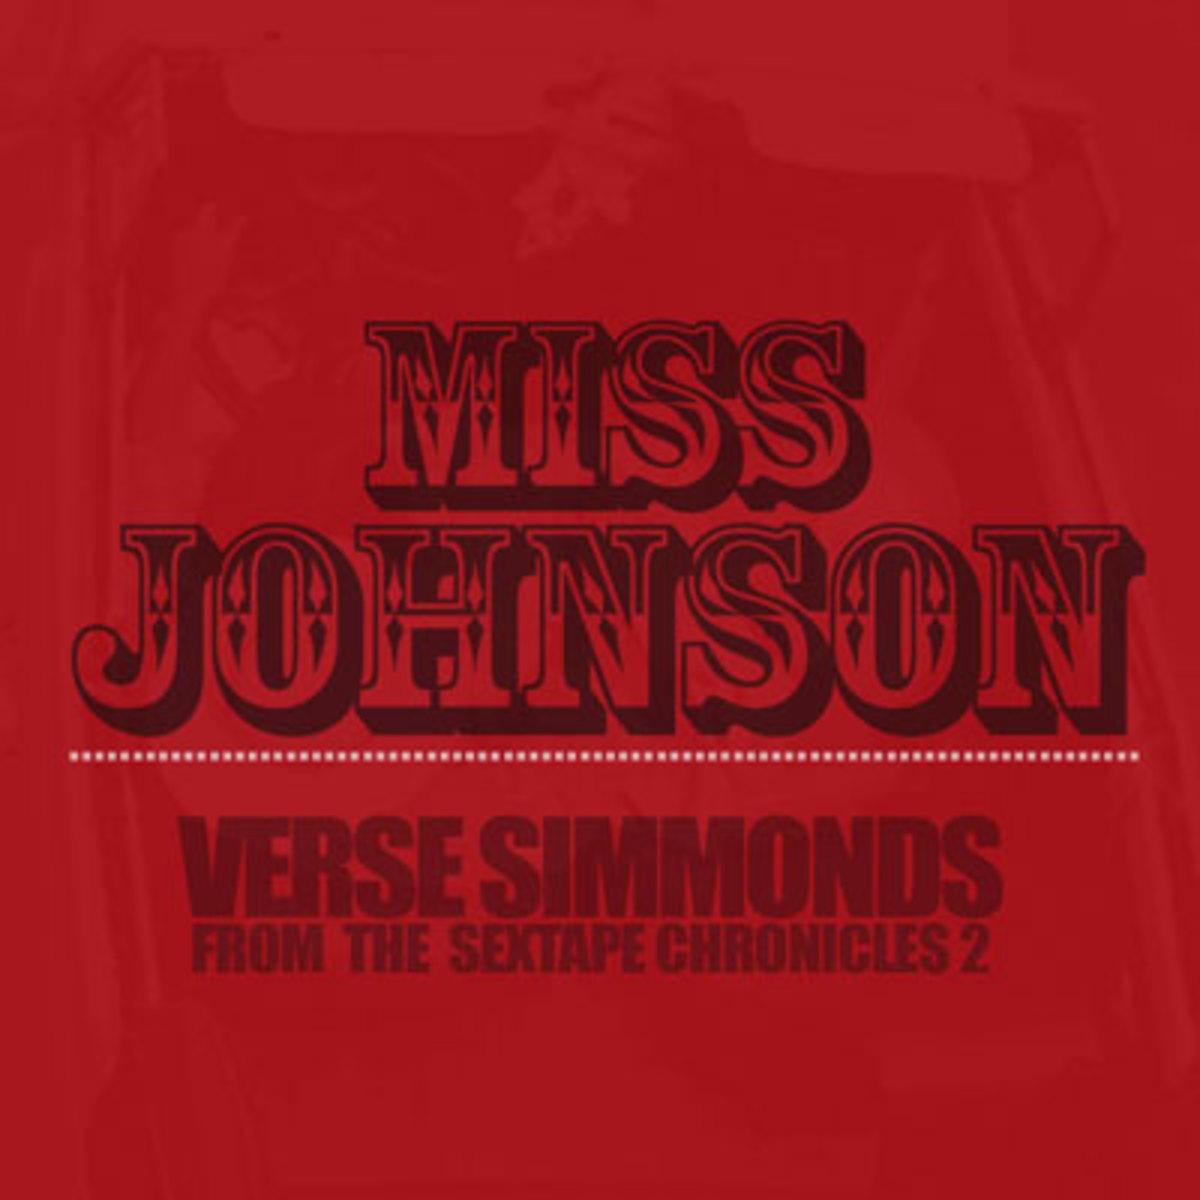 verse-missjohnson.jpg